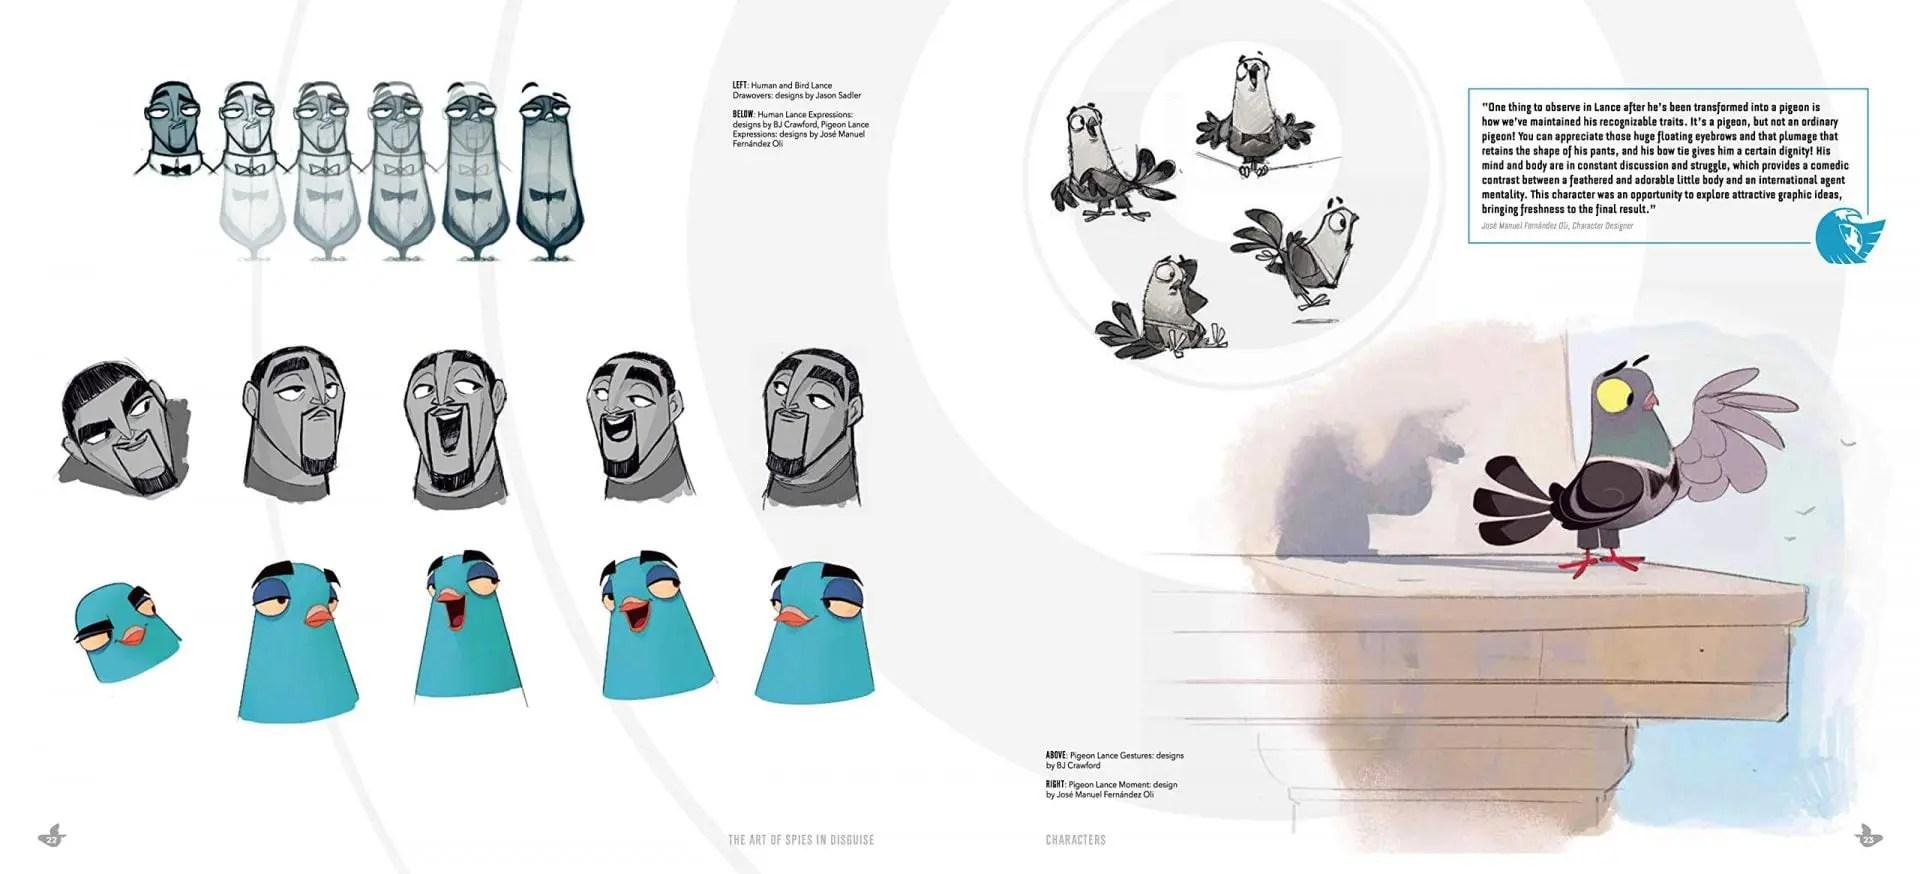 el arte de espias con disfraz artbook